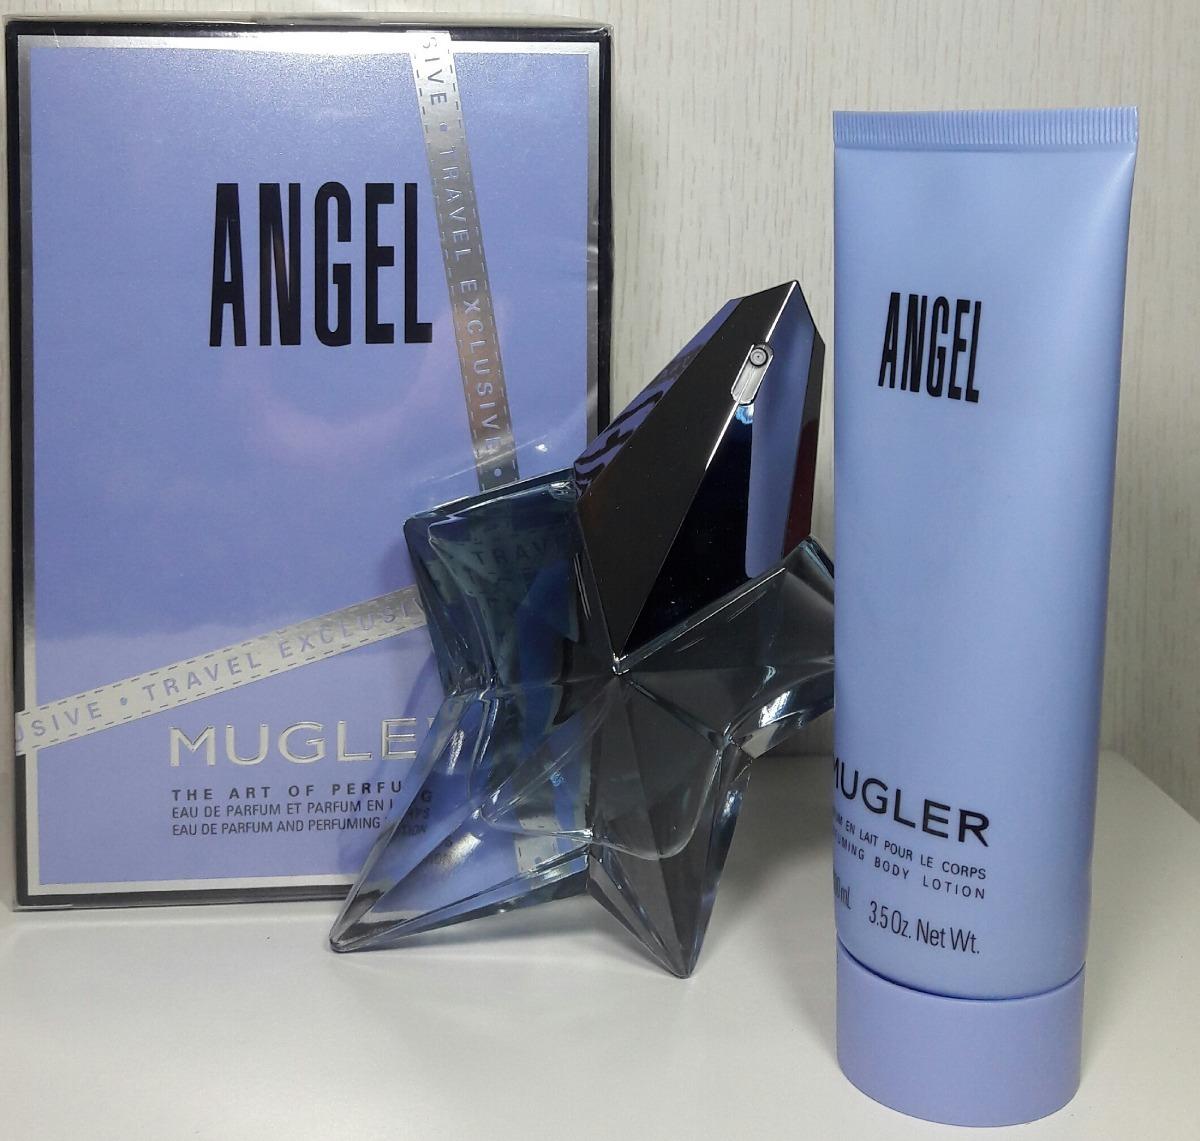 kit angel eau de parfum edp thierry mugler 50ml lacrado. Carregando zoom. 31eb782a3b